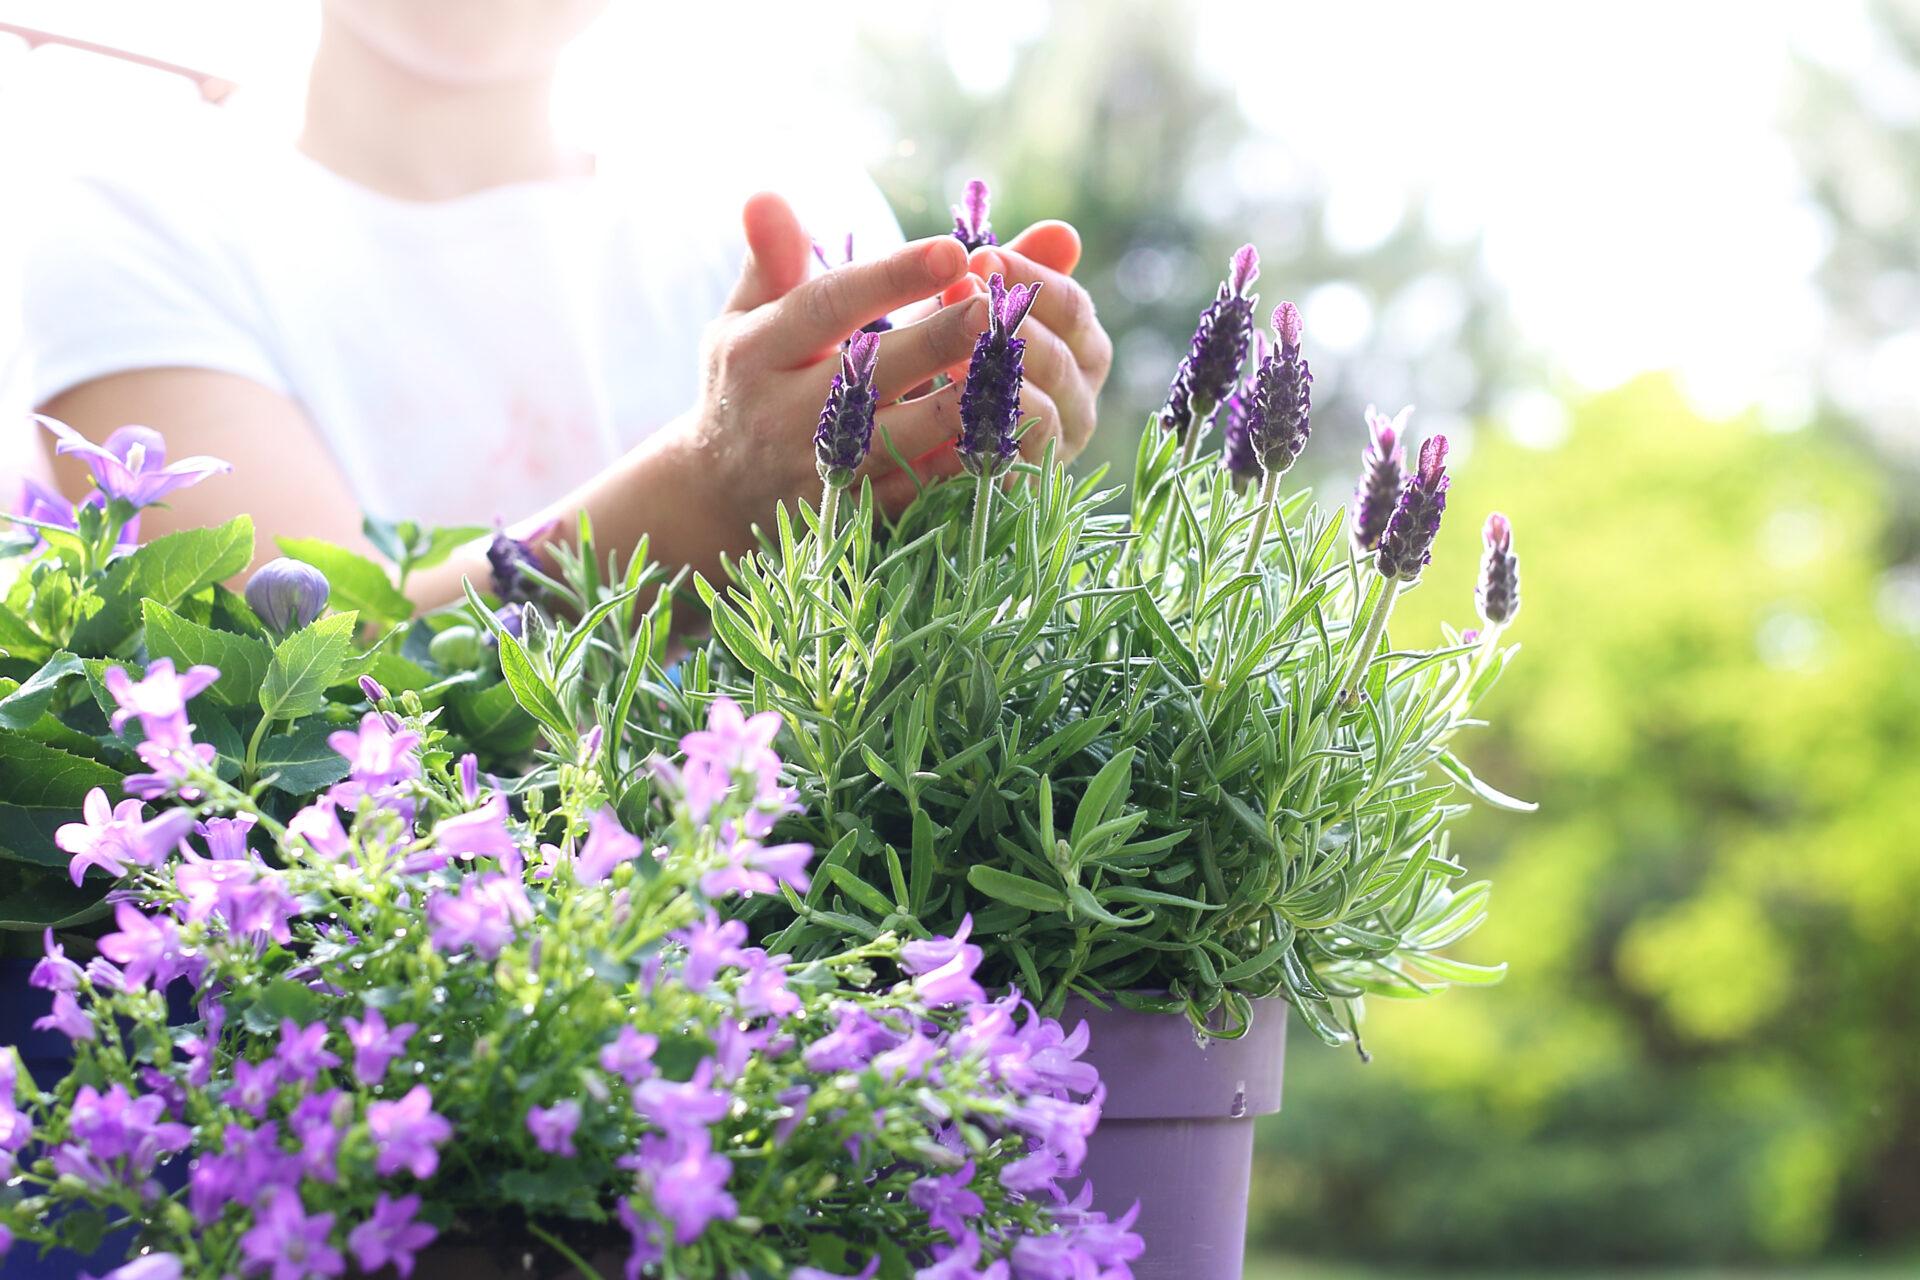 Lavendel auf dem Balkon. Im Hintergrund steht ein mensch mit einem weißen Shirt und hat die Hände in den Lavendelblüten